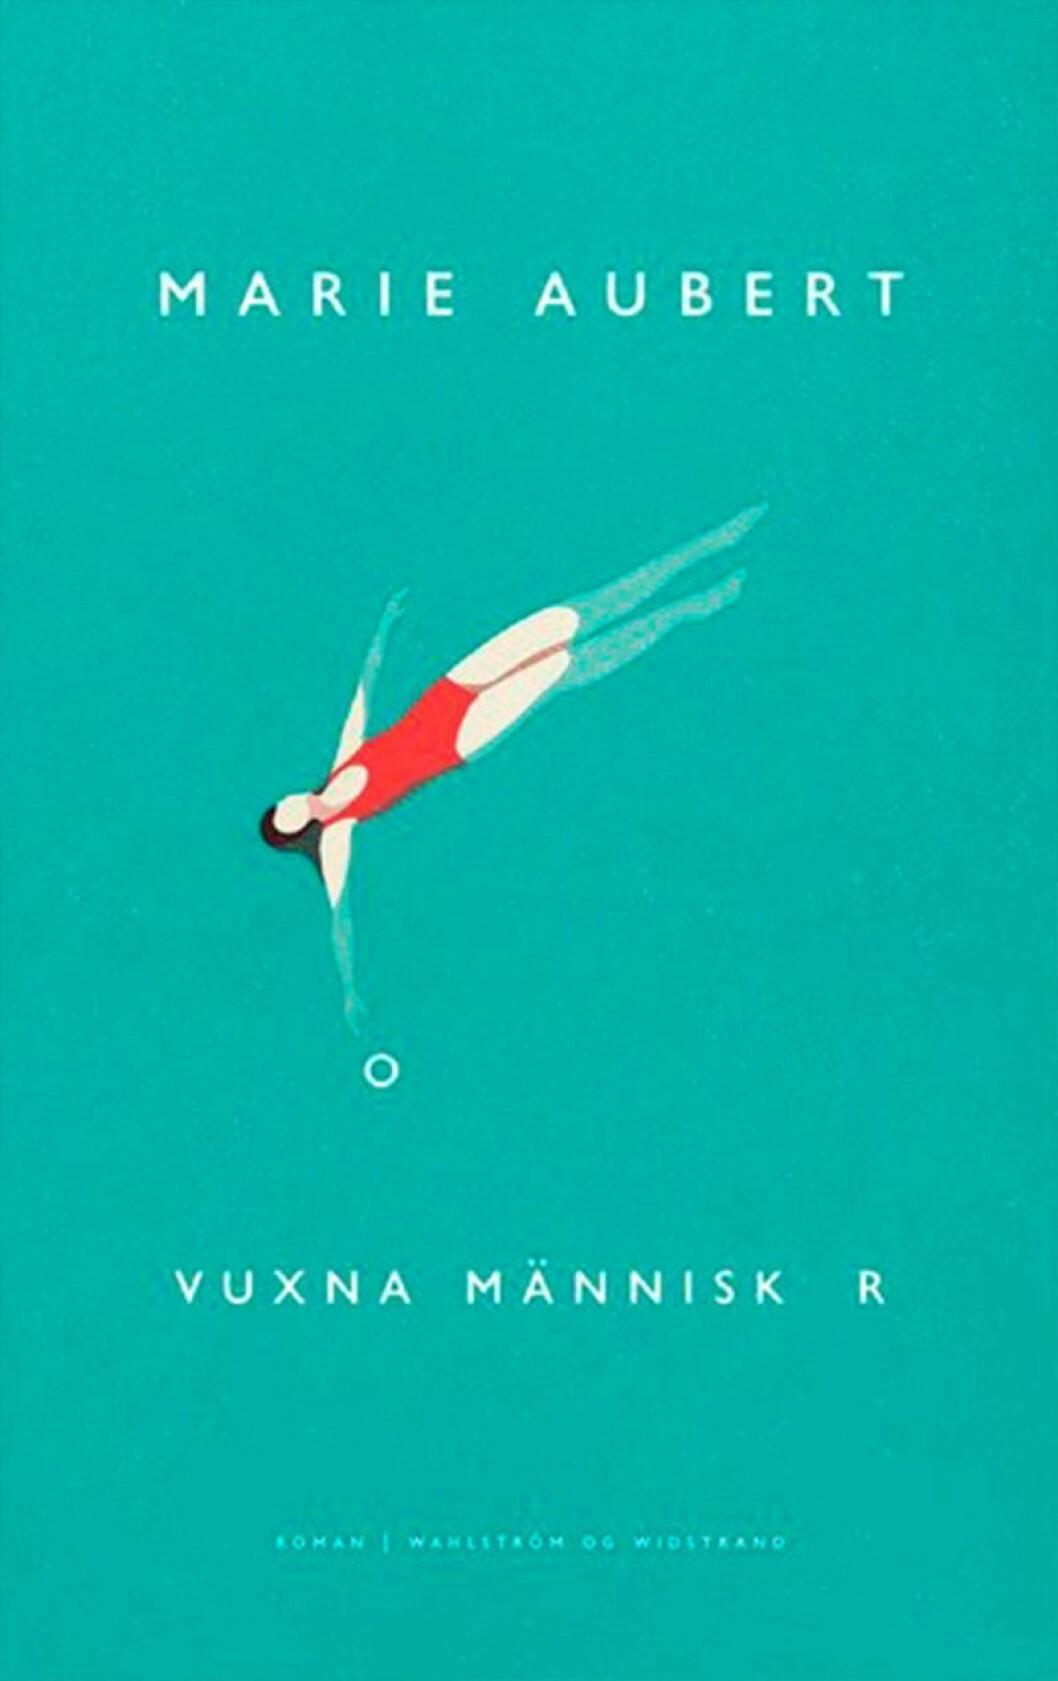 Bokomslag till Vuxna människor, en tecknas kvinna flyter på rygg i vattnet.